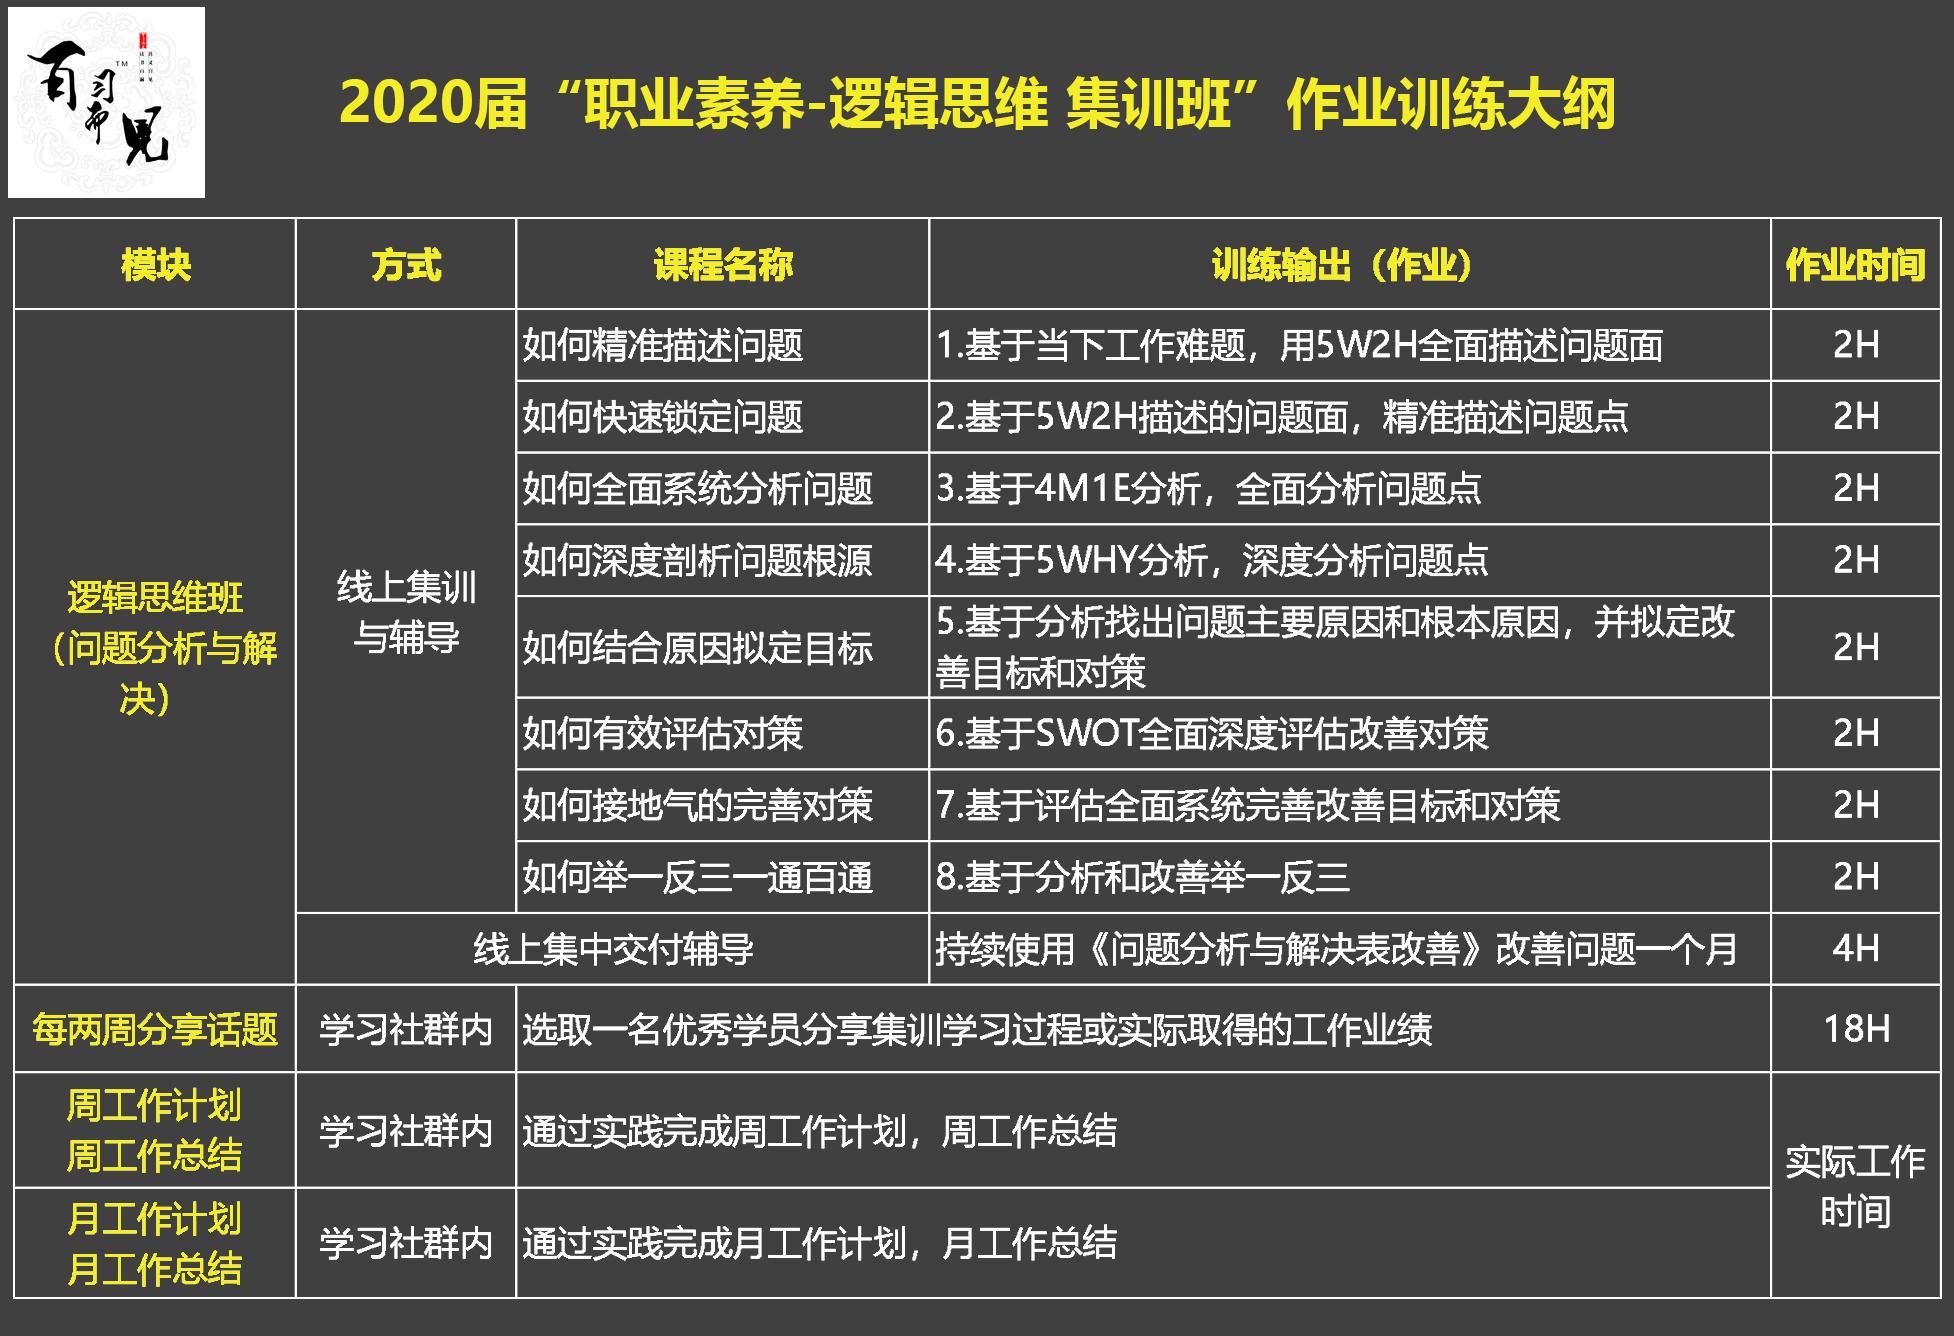 """2020届""""职业素养-逻辑思维 集训班""""作业训练大纲.jpg"""